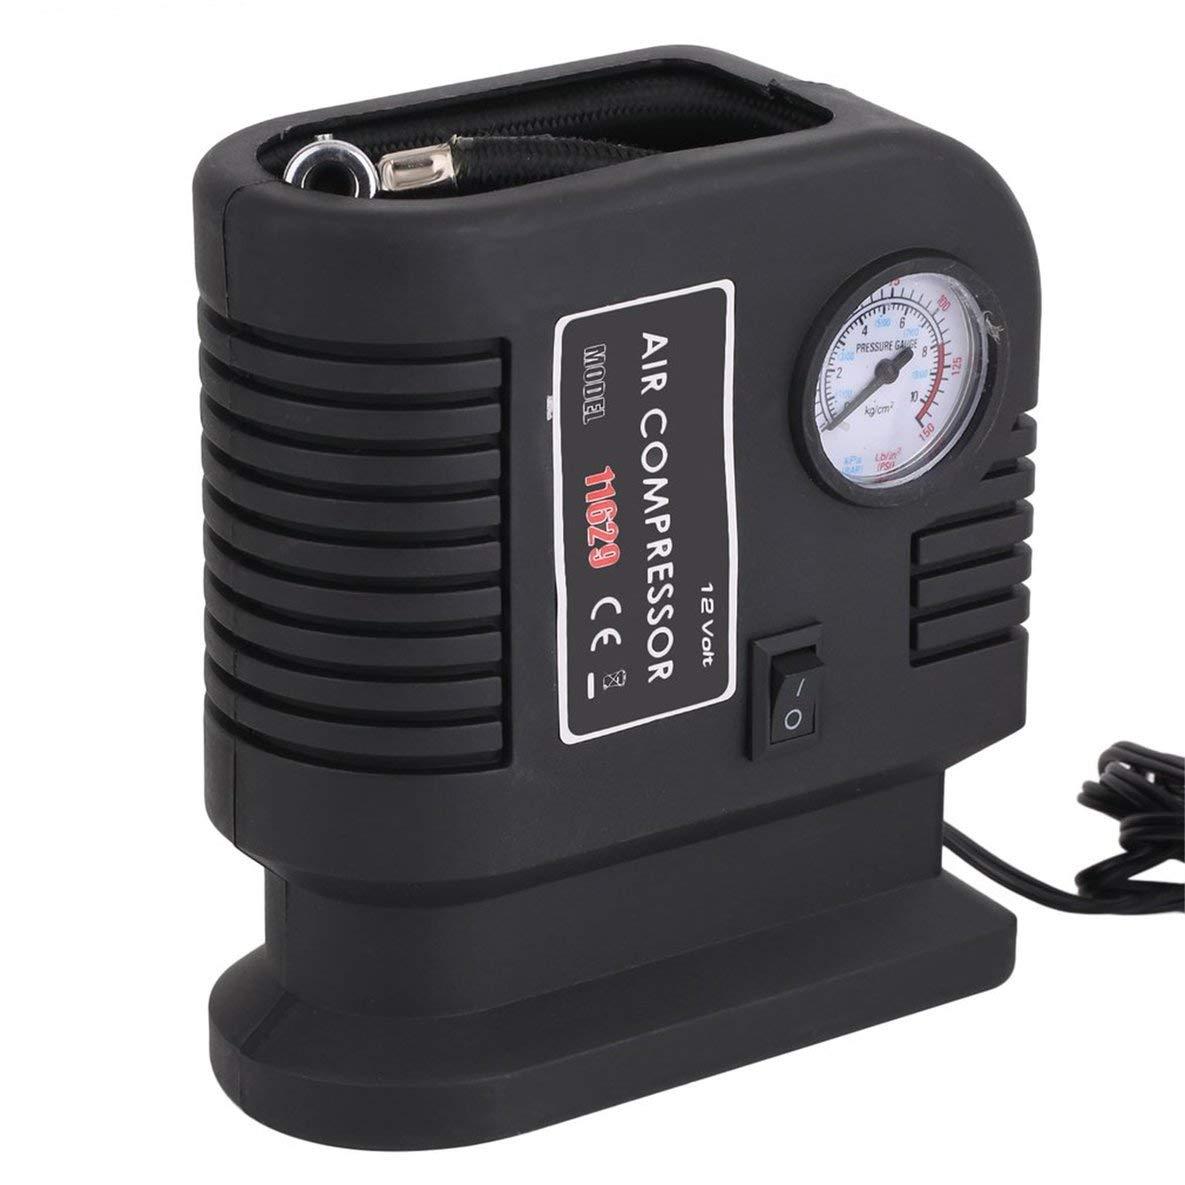 Neumático 12V de la bomba del compresor de aire del vehículo auto portátil con 3 adaptadores inflador del neumático de la bomba eléctrica para los juguetes ...